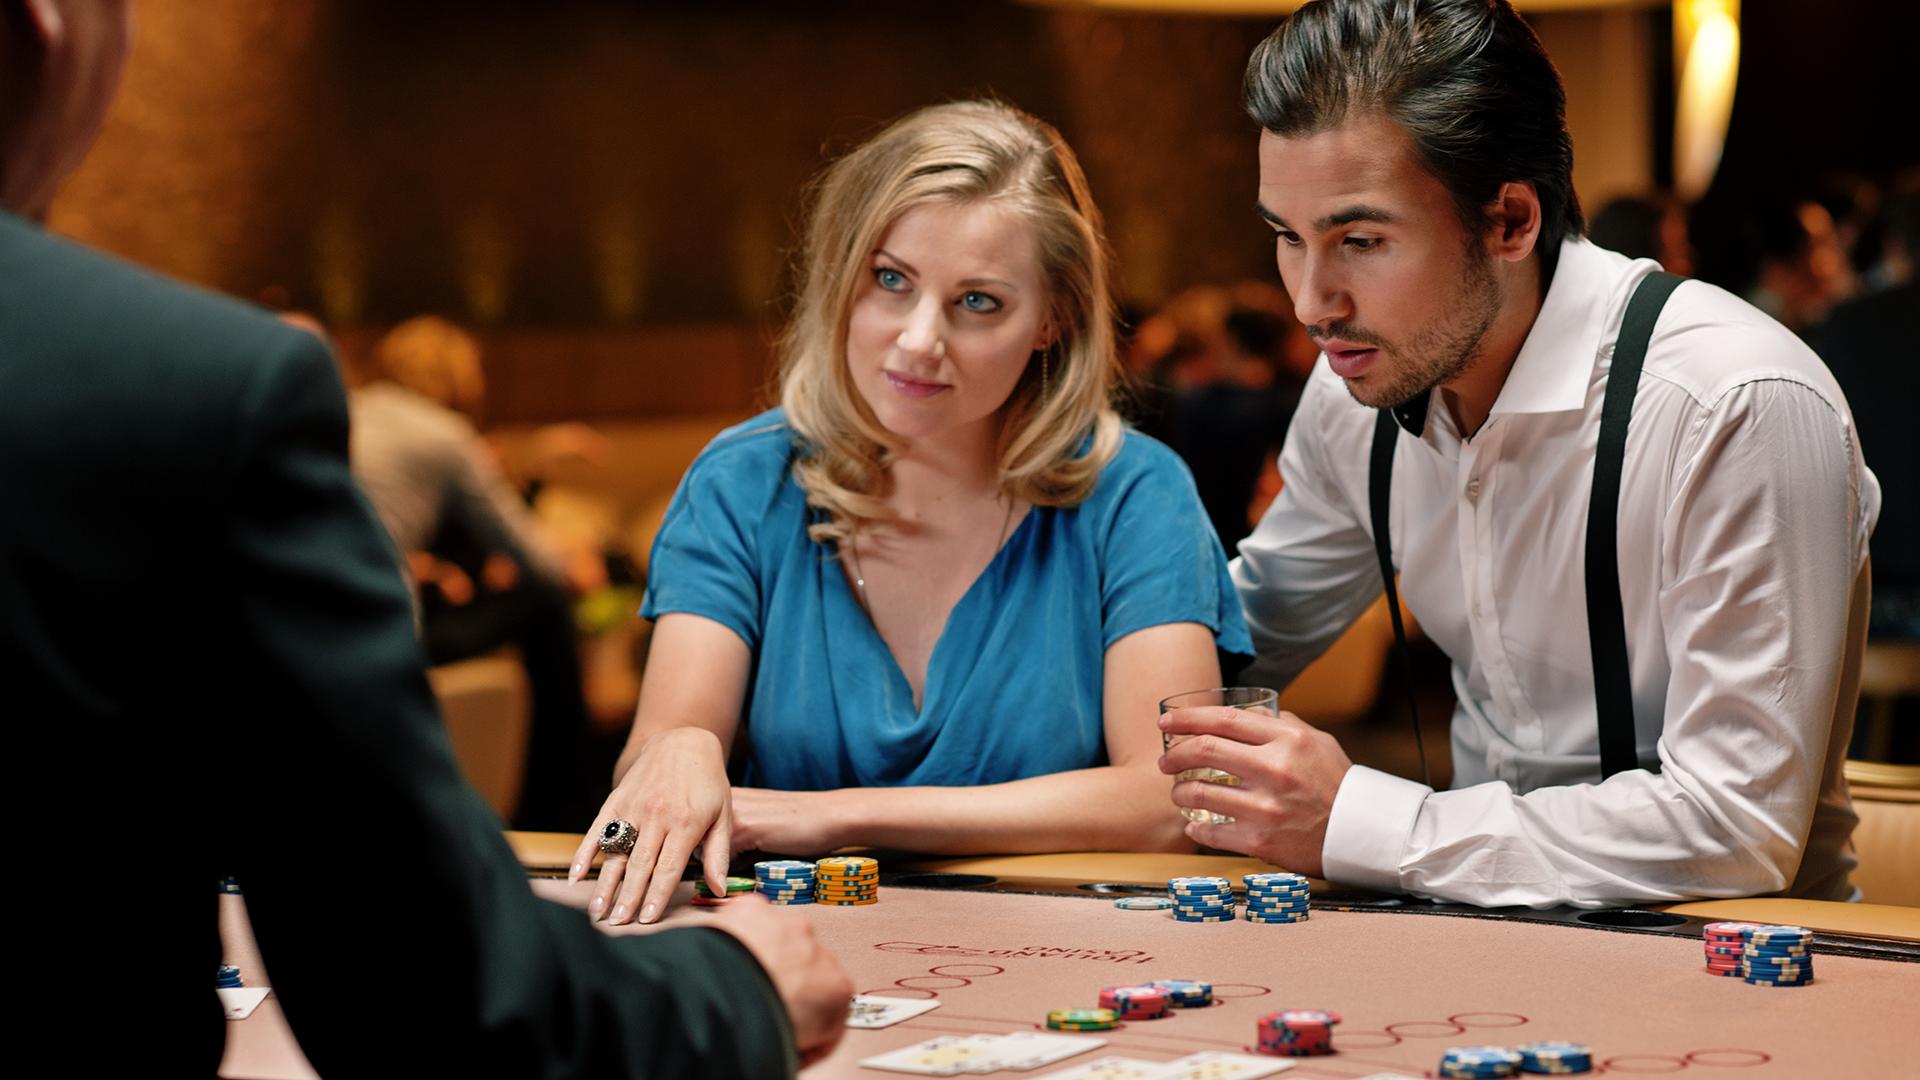 Meest gespeelde spellen in een online casino